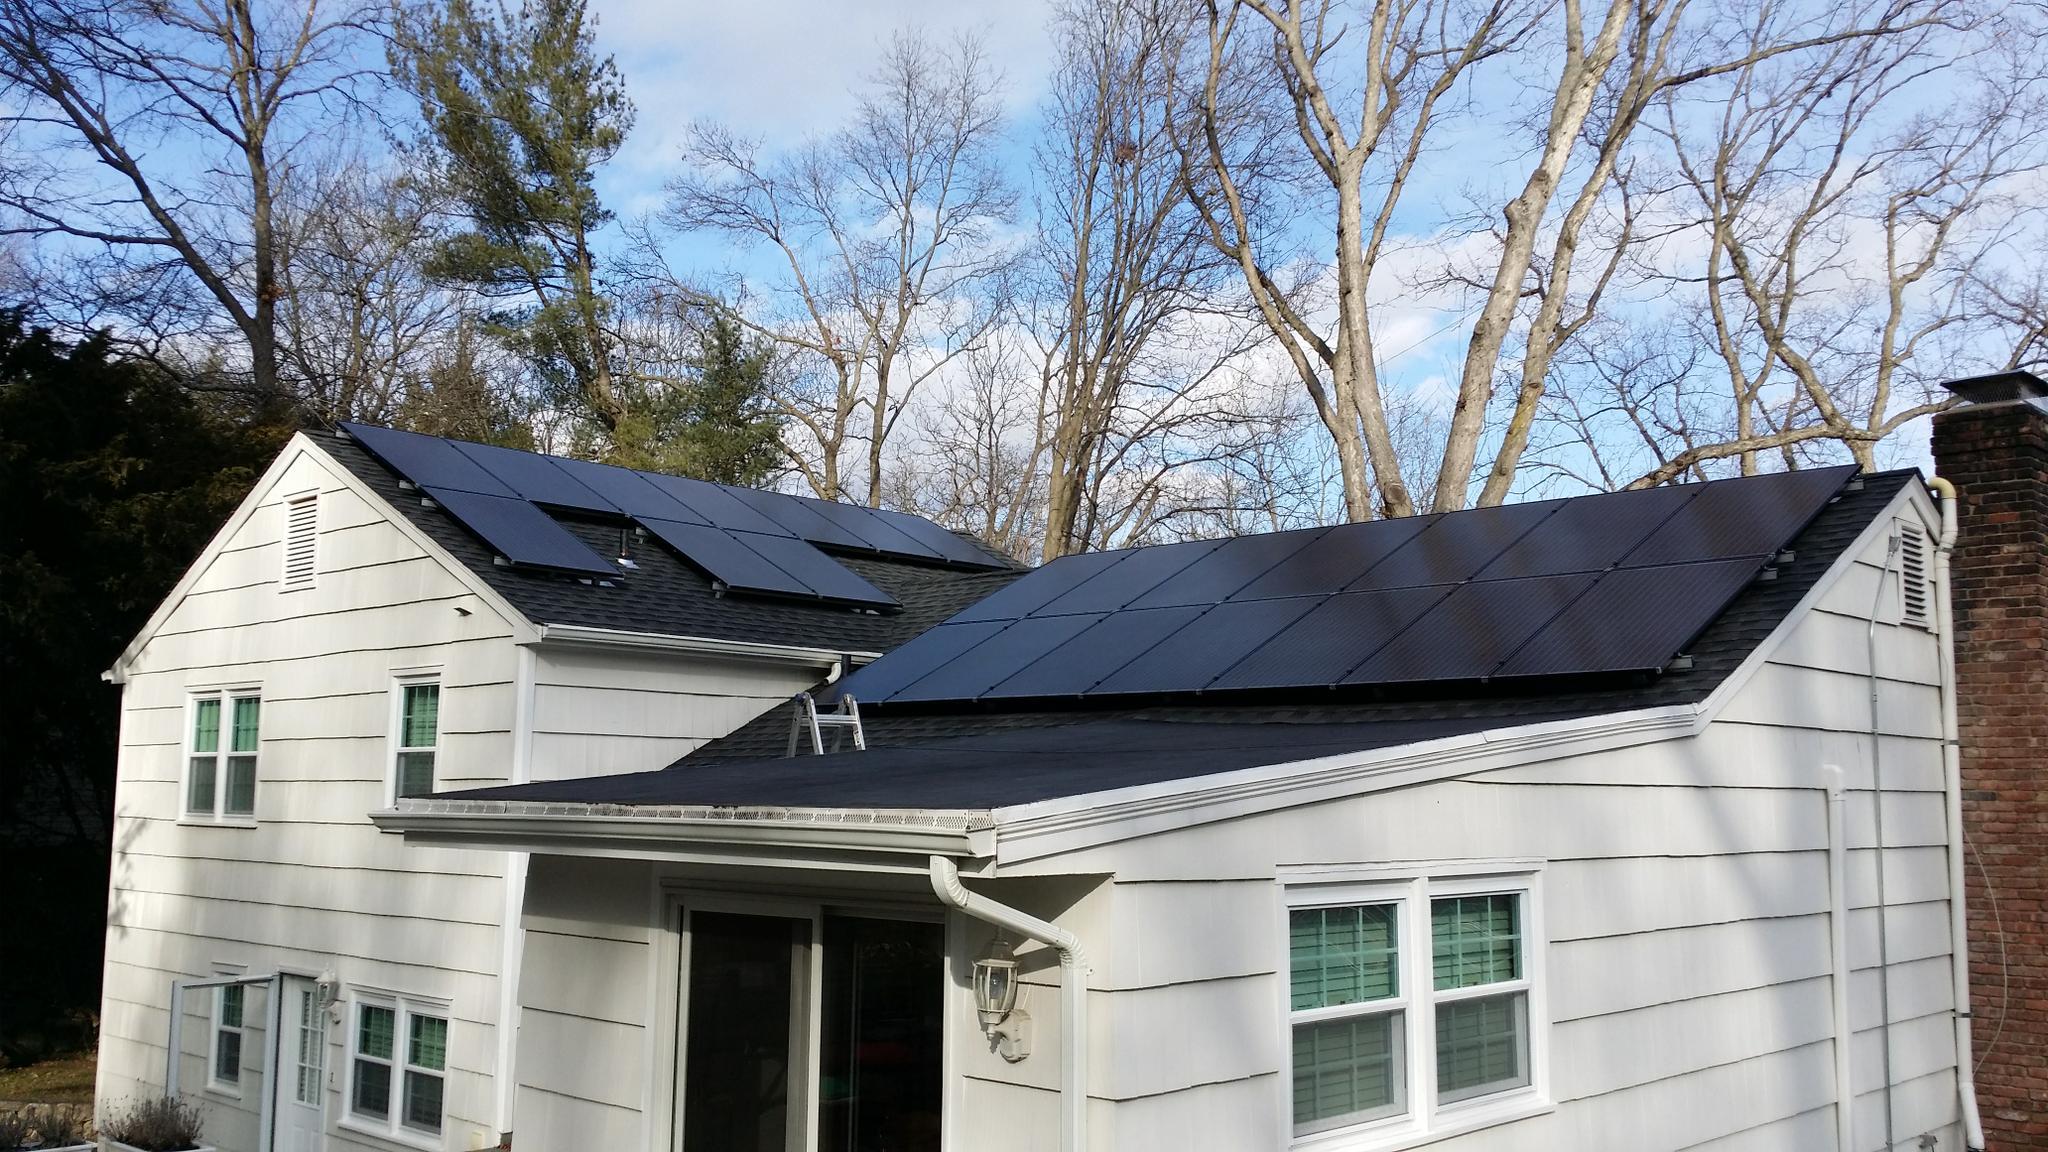 Hinojos Cash Purchase Energysage